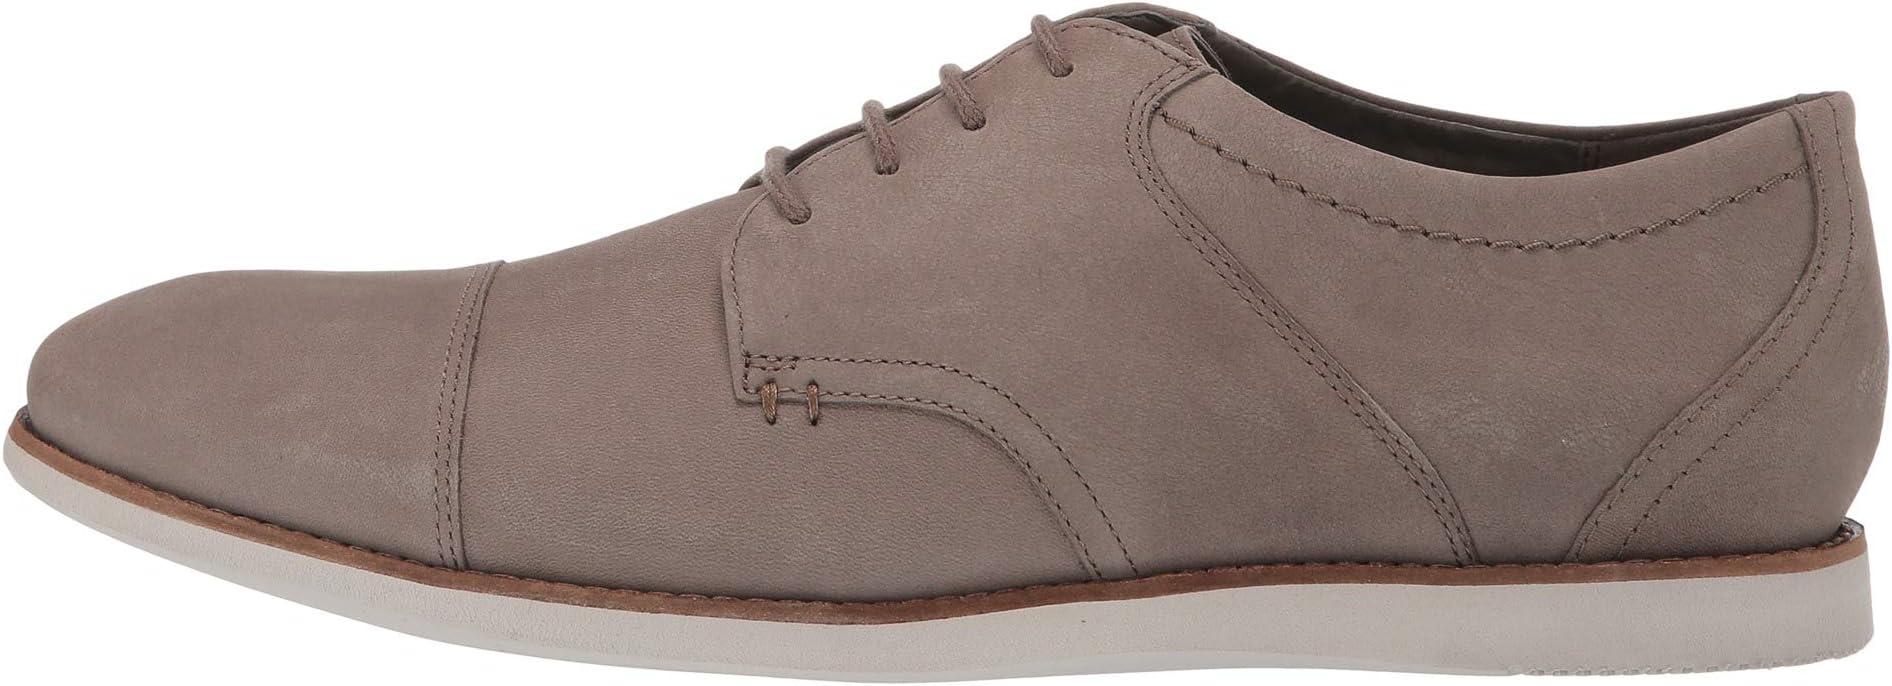 Clarks Raharto Vibe | Men's shoes | 2020 Newest